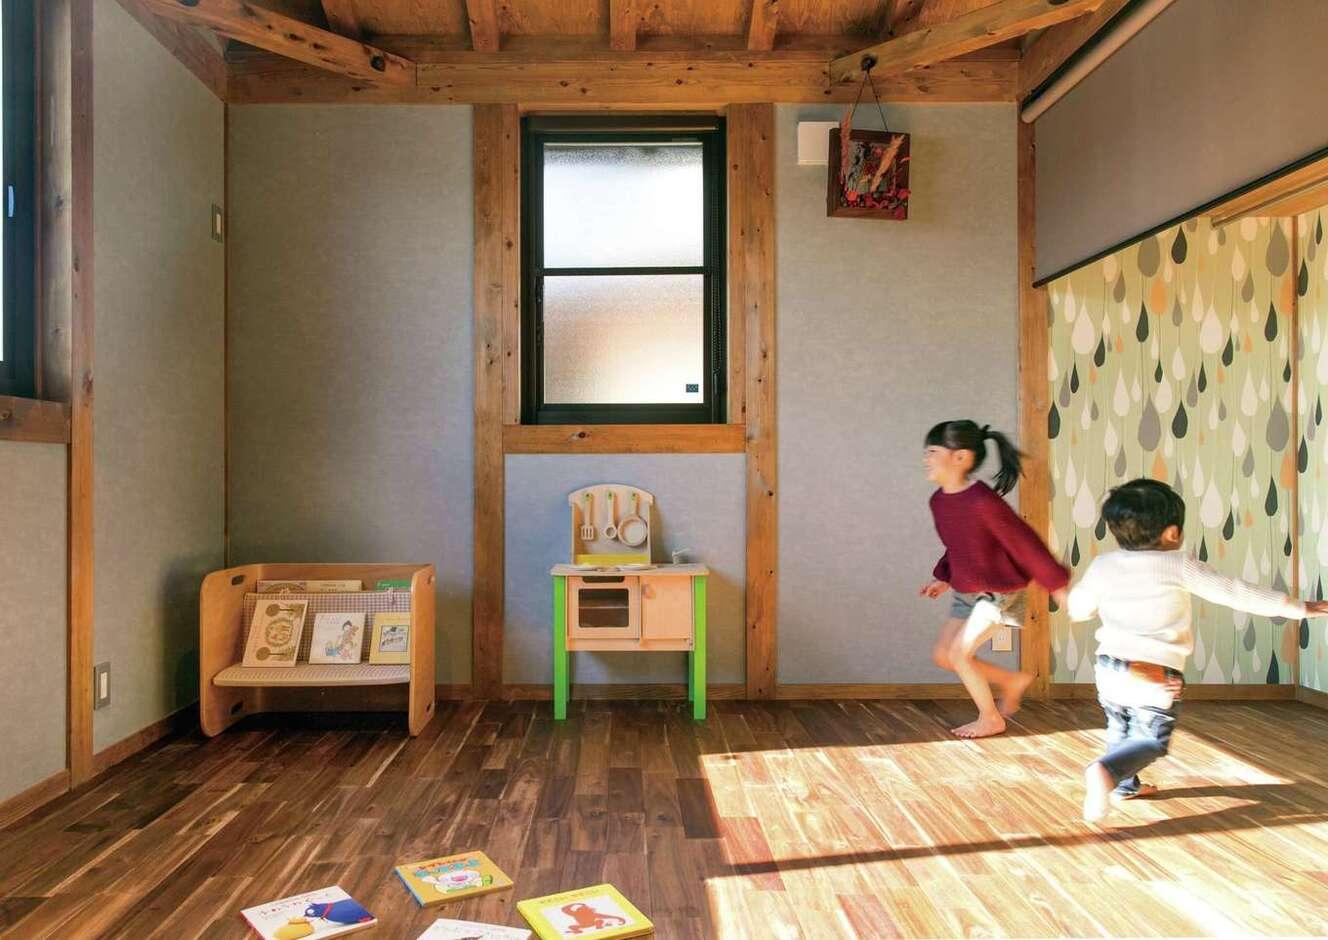 サイエンスホーム甲府店・笛吹店【1000万円台、デザイン住宅、自然素材】クローゼットの壁にデザインクロスを貼って遊び心を取り入れた子ども部屋